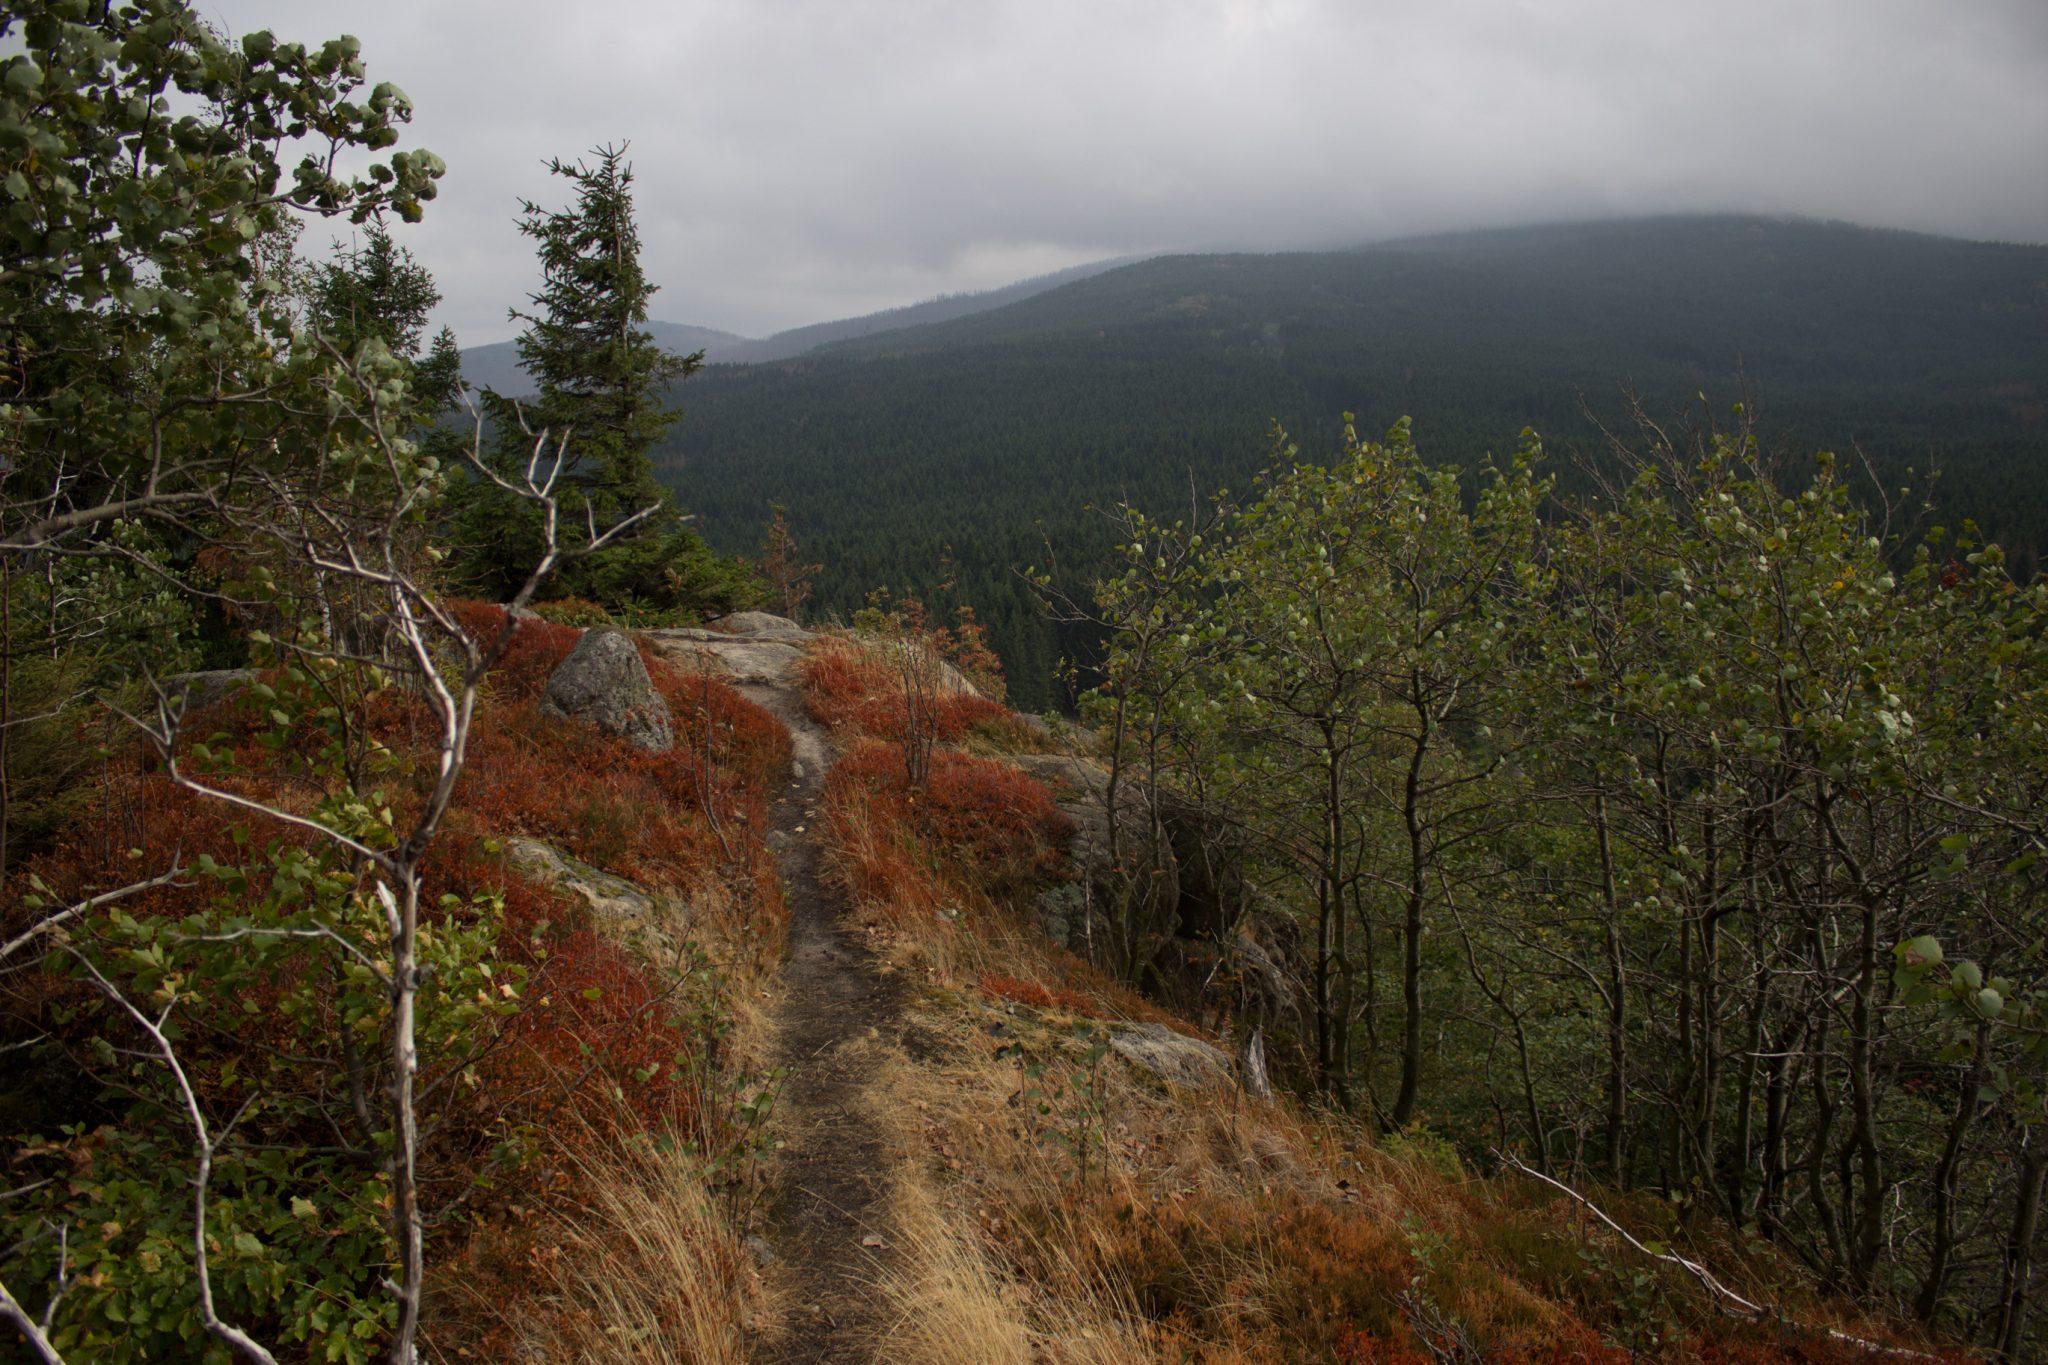 Wanderung Brocken über Heinrich-Heine-Weg Start in Ilsenburg, Nationalpark Harz, schmaler schöner Pfad zum Scharfenstein durch dichten Wald, oben grandiose Aussicht auf den Harz mit schönem Wald, frischer kühlender Wind